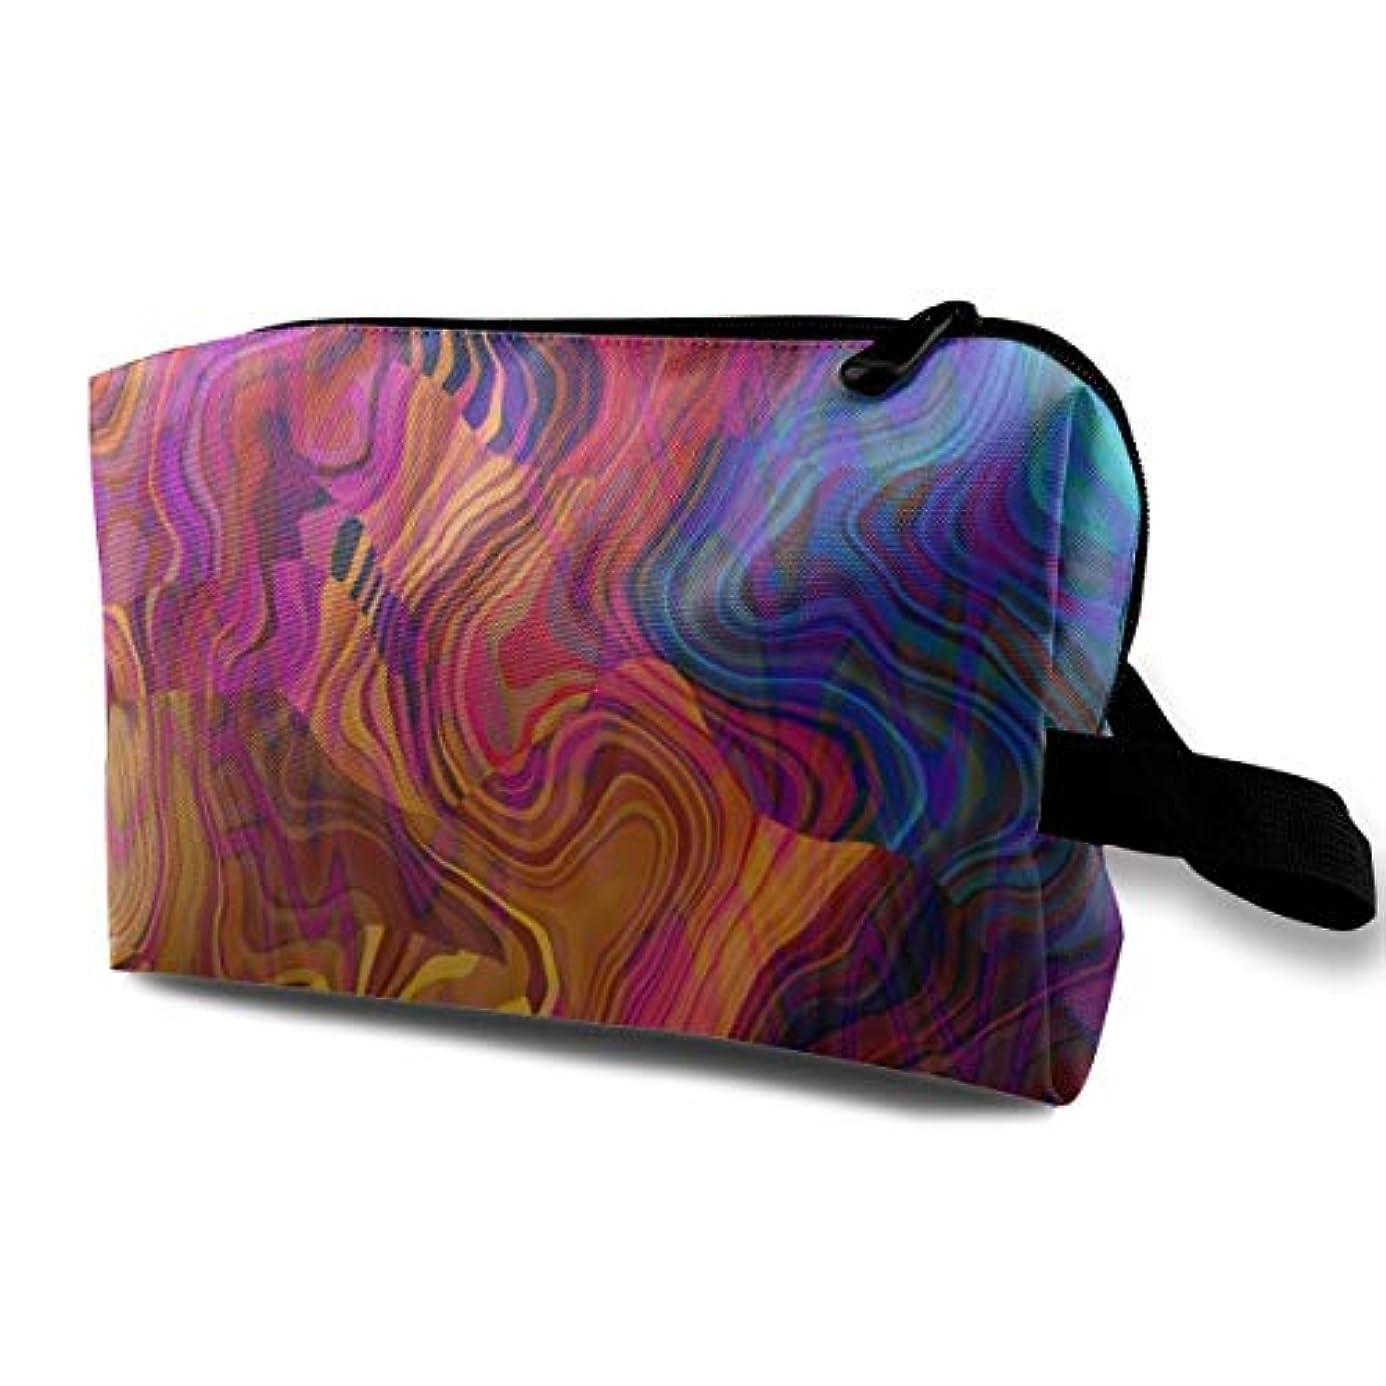 気楽なモニターシリングColorful Chaotic Waves 収納ポーチ 化粧ポーチ 大容量 軽量 耐久性 ハンドル付持ち運び便利。入れ 自宅?出張?旅行?アウトドア撮影などに対応。メンズ レディース トラベルグッズ